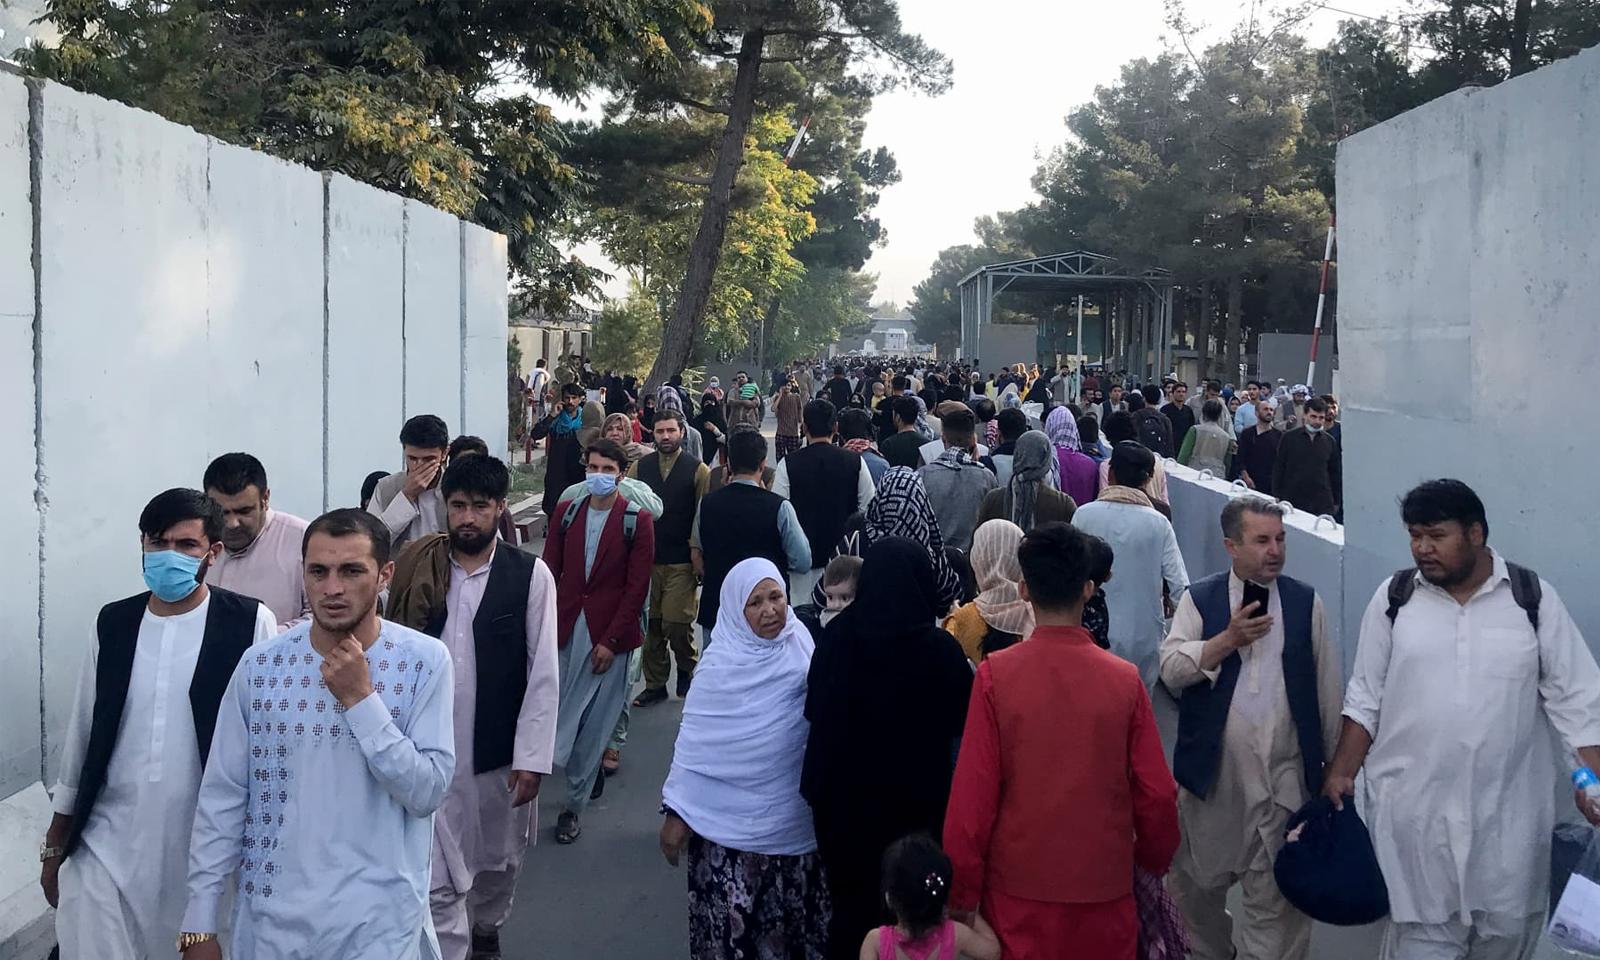 بڑی تعداد میں شہری کابل ایئرپورٹ میں داخل ہوئے — فوٹو: رائٹرز